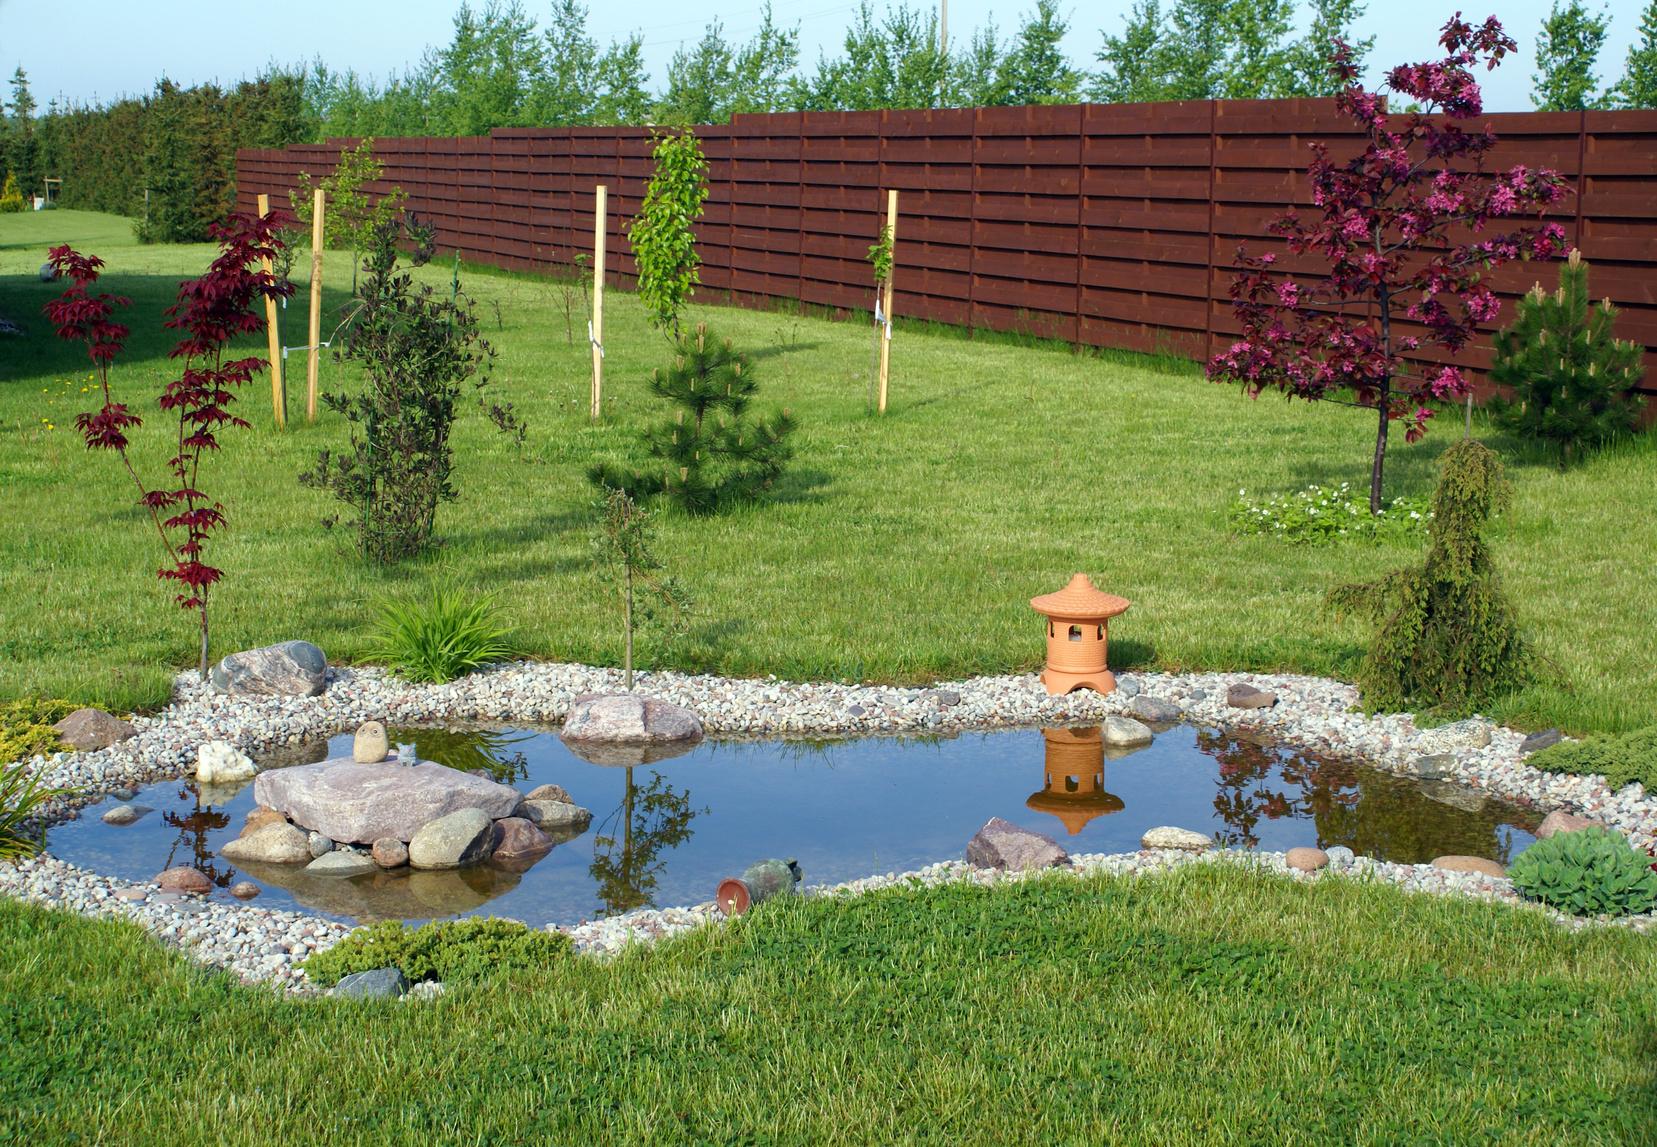 Construire Un Bassin De Jardin En 7 Étapes - Le Tuto De Mon ... avec Bac Poisson Jardin